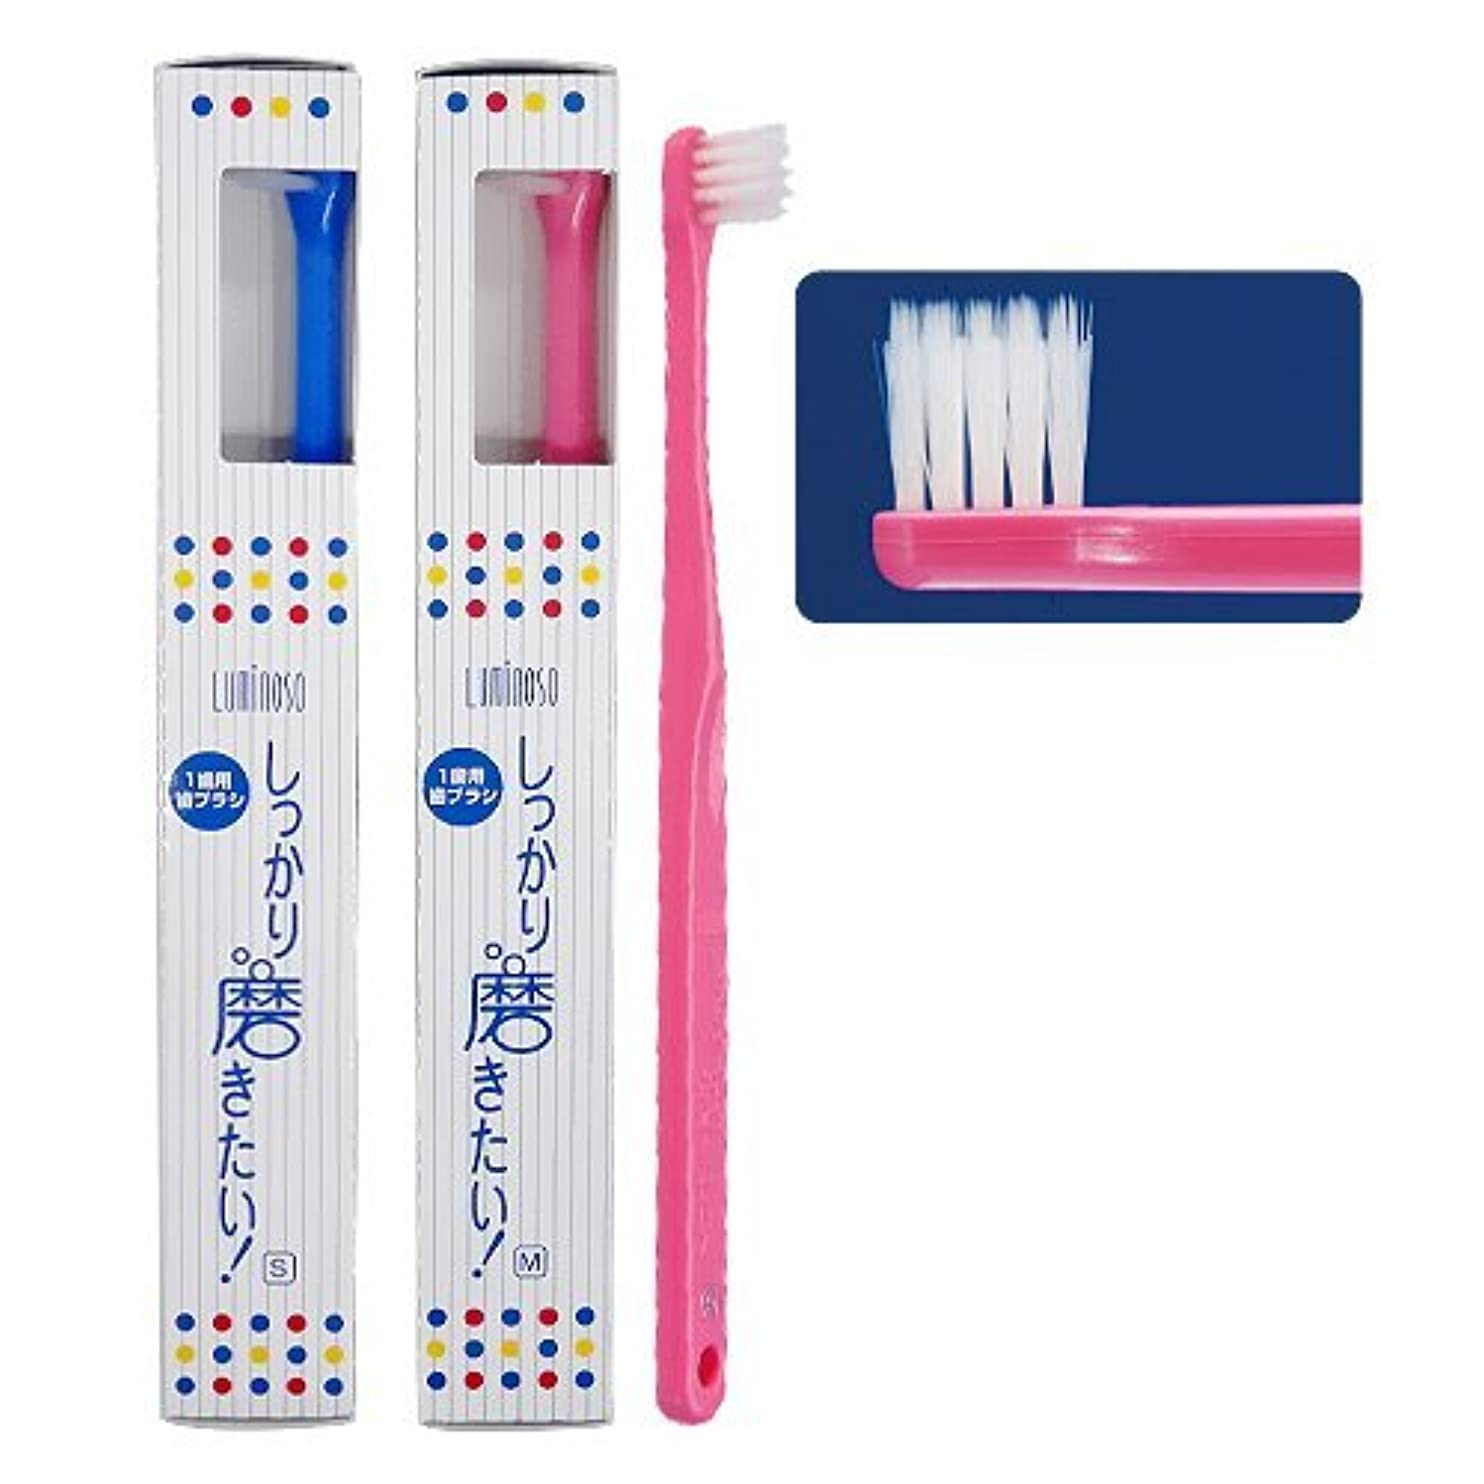 ジャンプ勃起接触ルミノソ 1歯用歯ブラシ「しっかり磨きたい!」スタンダード ミディアム (カラー指定不可) 5本